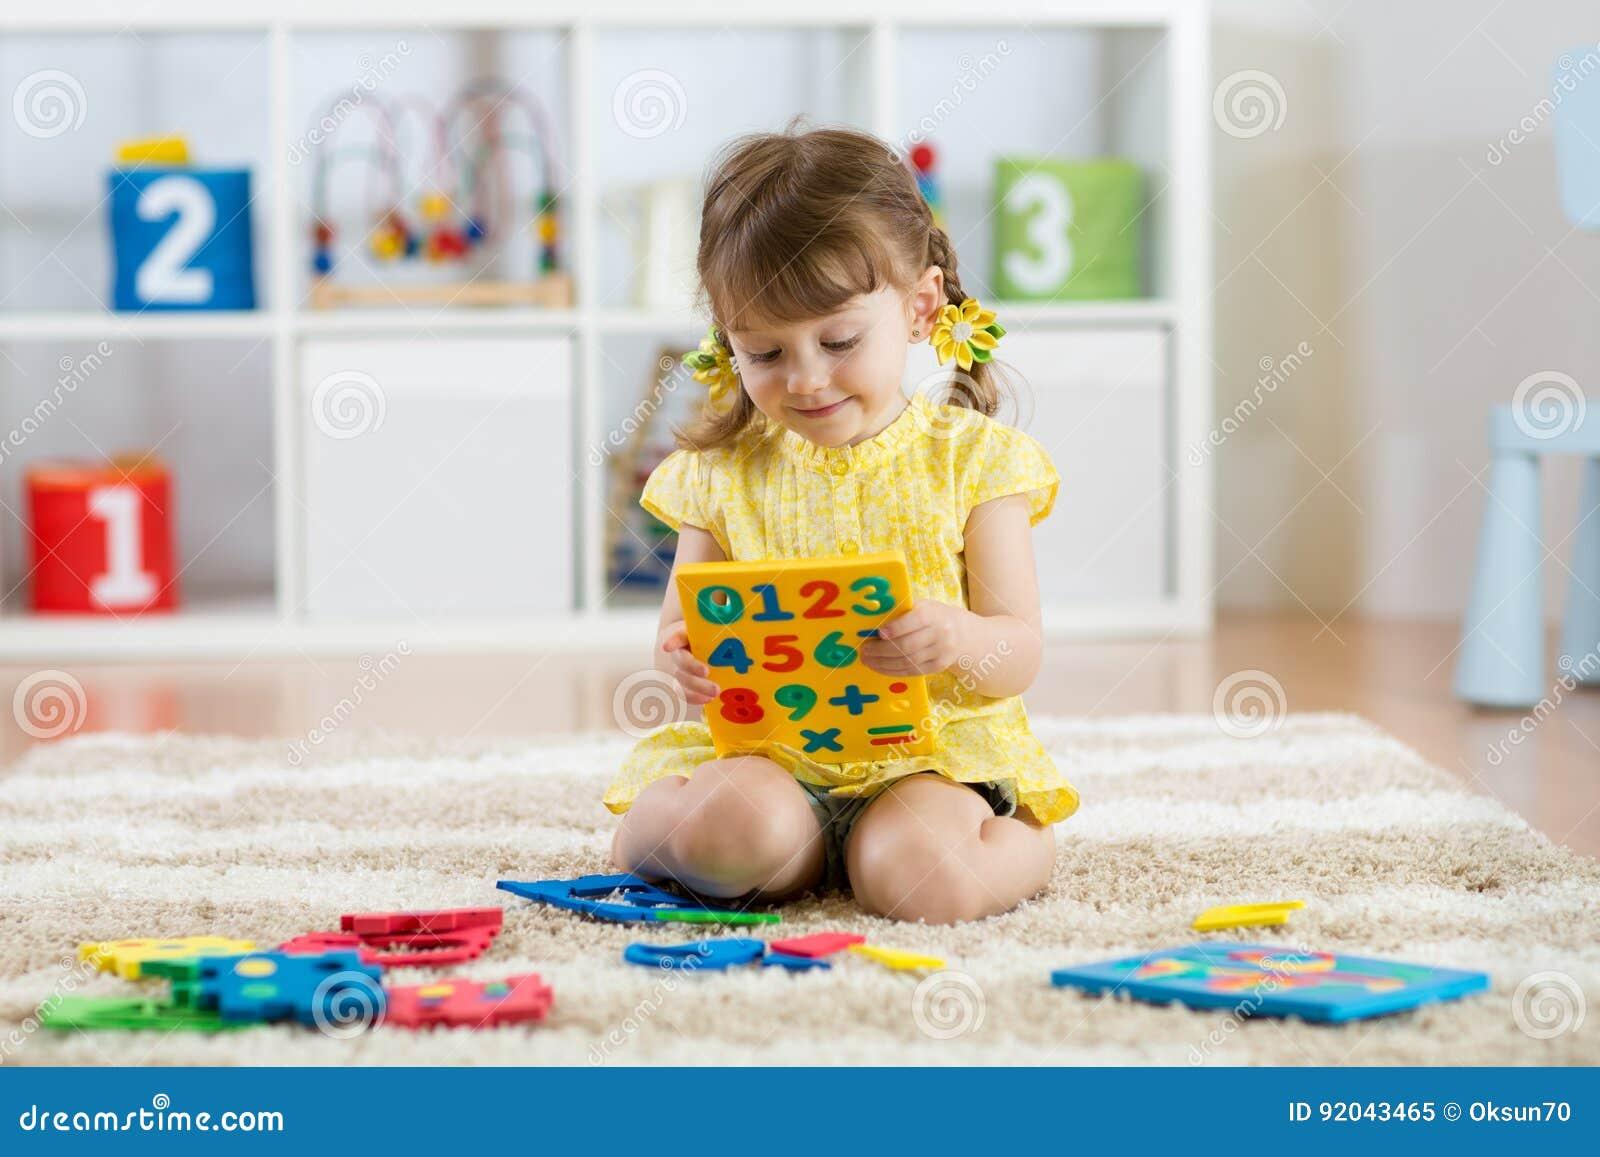 Niño de la niña que juega con las porciones de dígitos o de números plásticos coloridos dentro